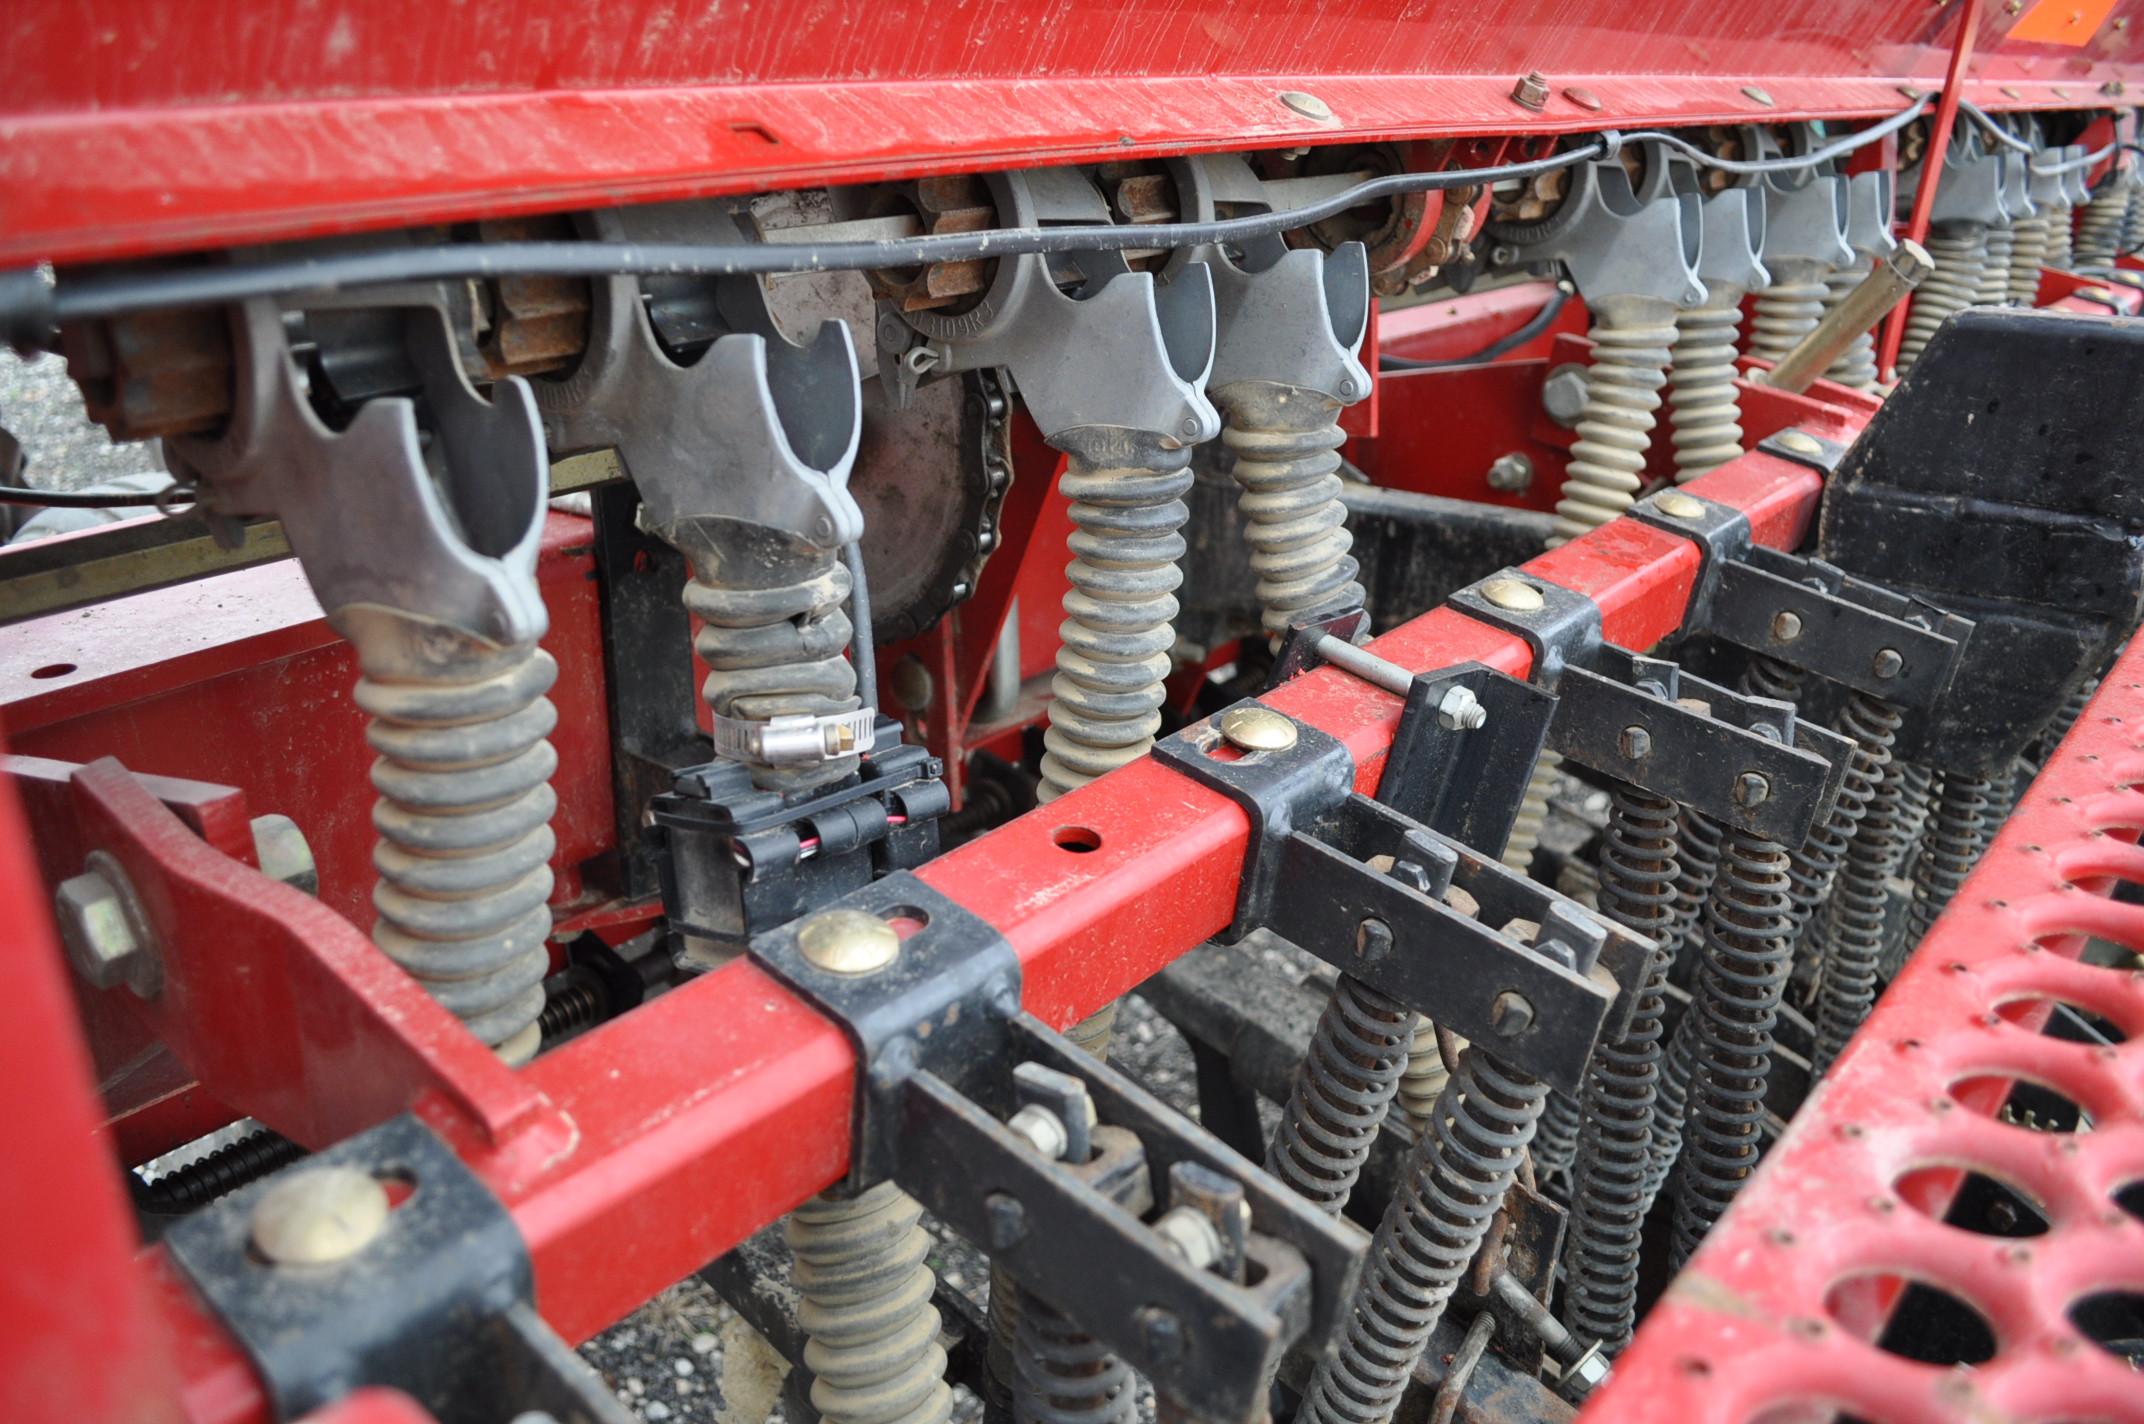 """Case IH 5400 grain drill, 3pt no-till caddie cart, 7 ½"""" spacing, 2 bar coil tine drag, Remlinger - Image 8 of 13"""